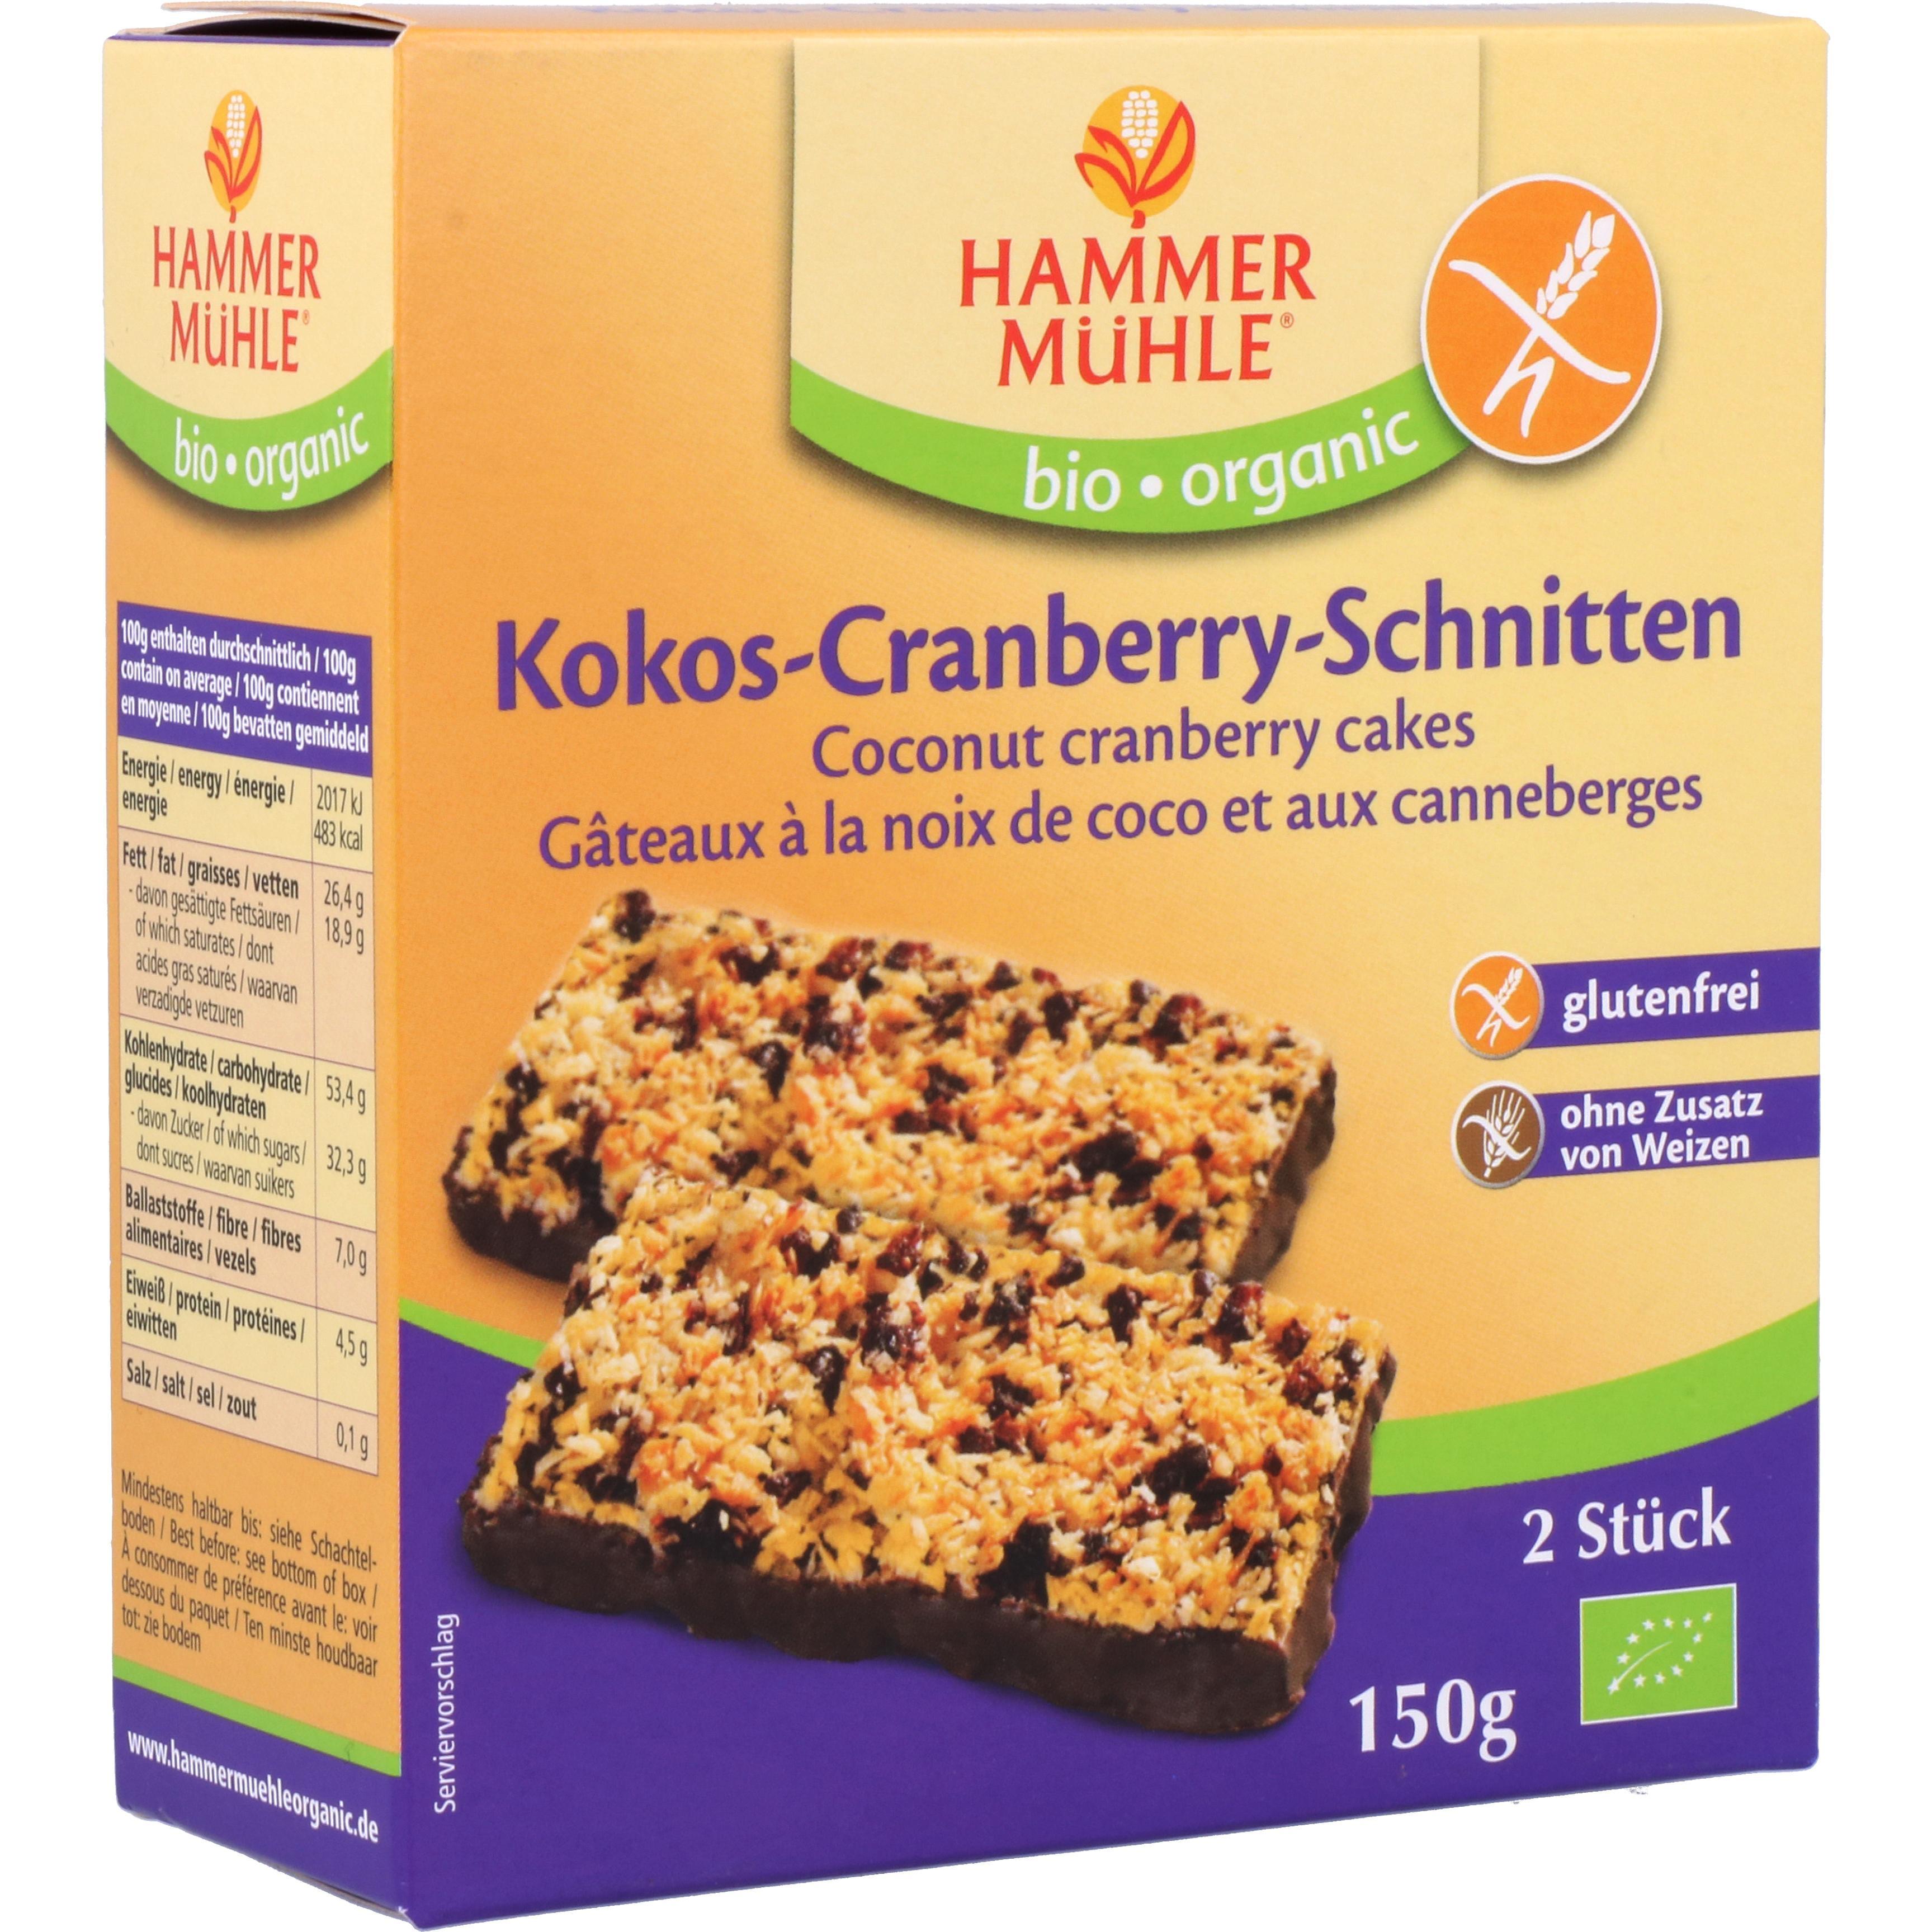 Hammermühle Organic Kokos-Cranberry-Schnitten 150g